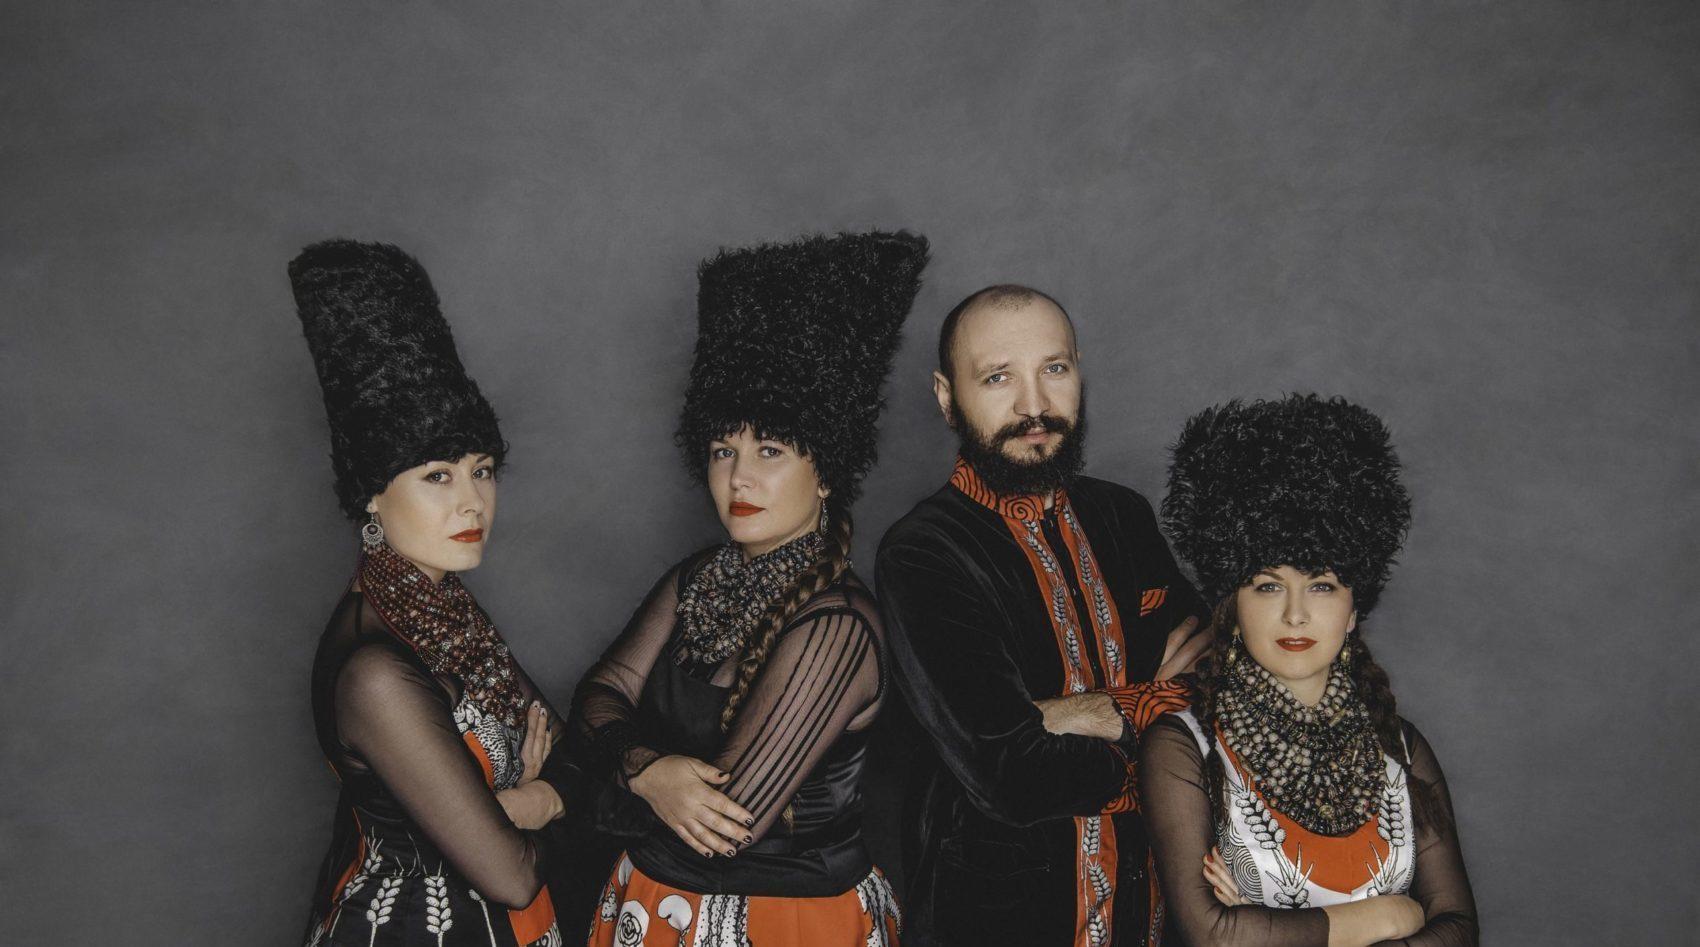 Dakhabrakha, le répertoire populaire d'Ukraine